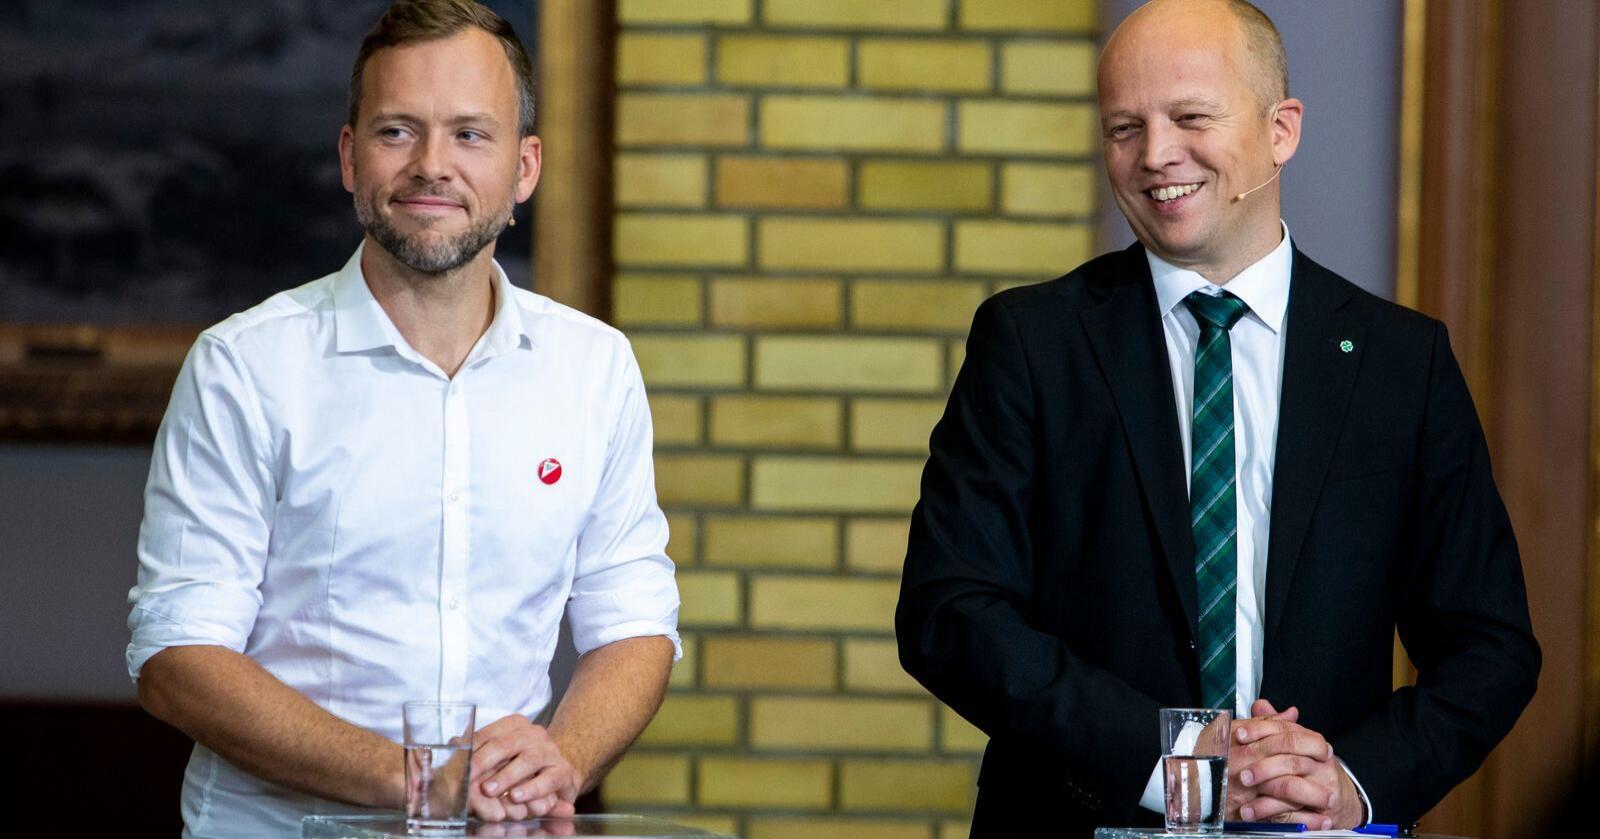 Aversjon: Trygve Slagsvold Vedum (t.h) er blitt for avvisende til SV og Audun Lysbakken, mener innsenderne. Foto: Tore Meek / NTB